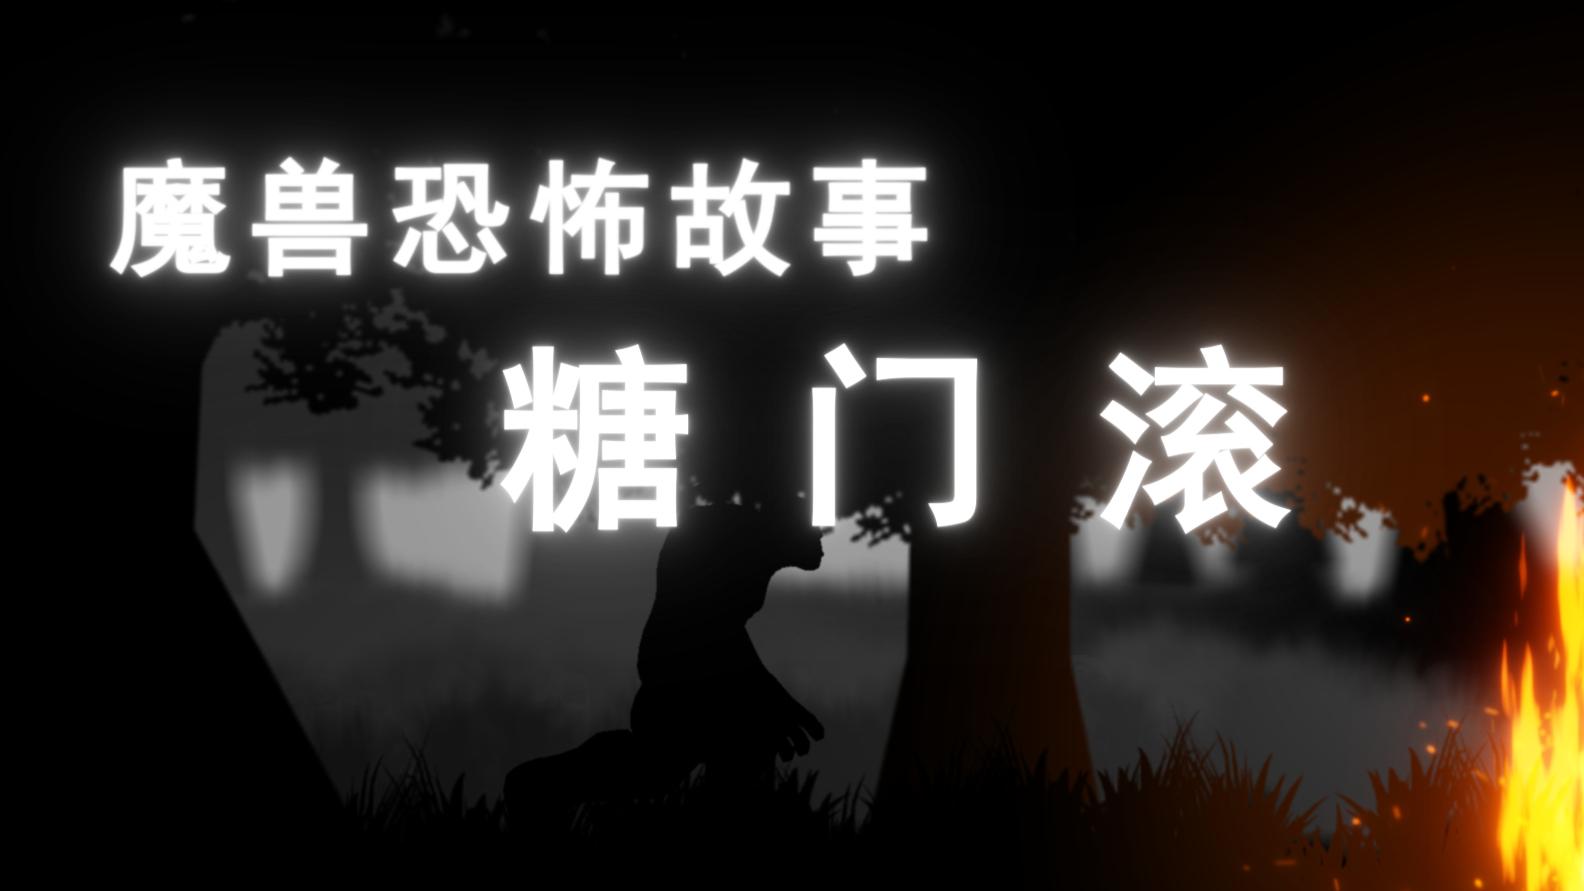 【灵魂cv系列】糖 门 滚:一个魔兽世界里的恐怖故事